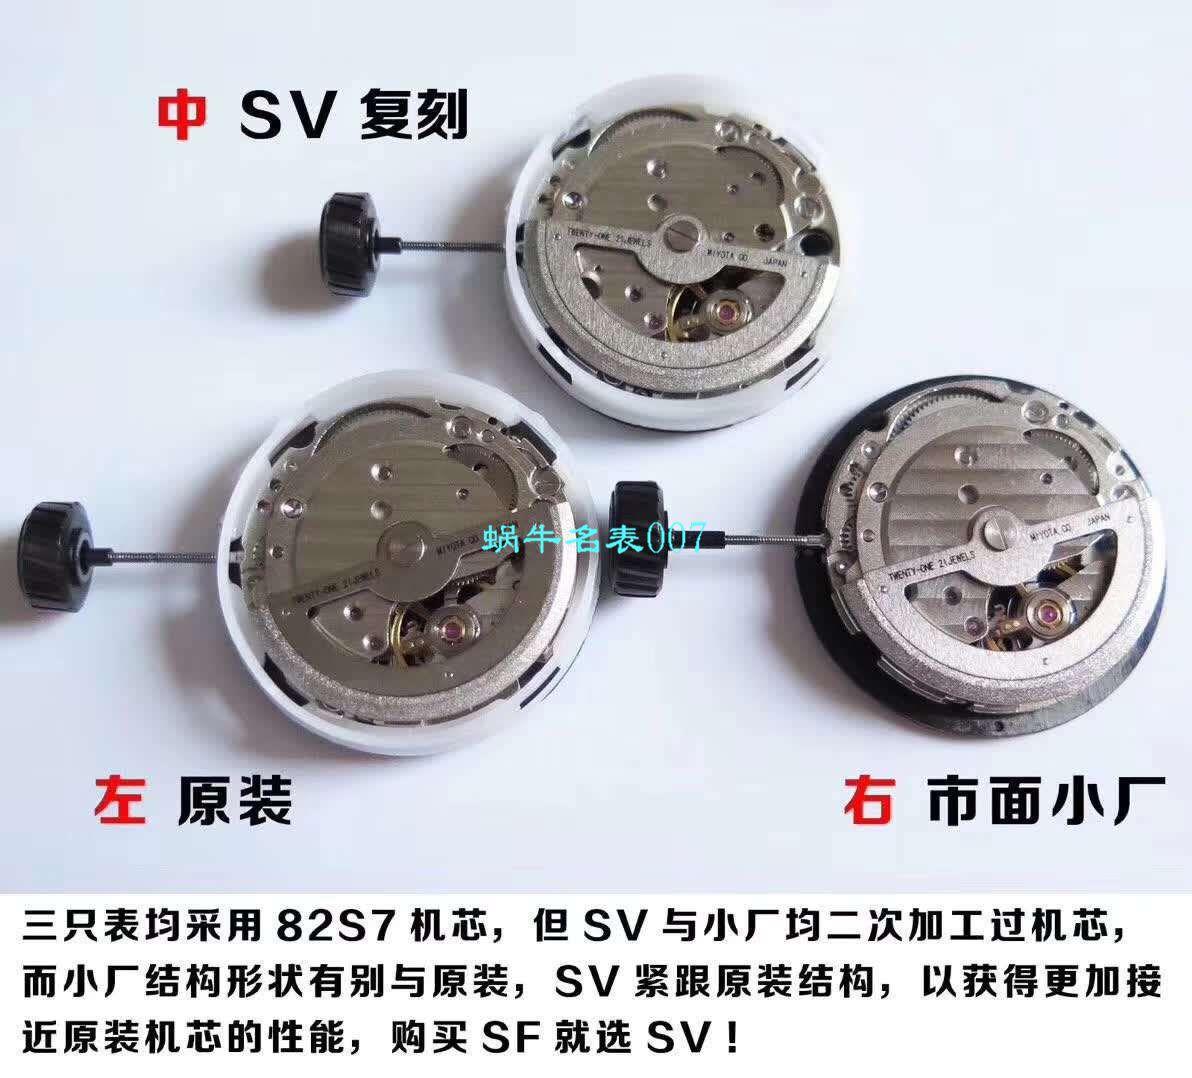 【视频评测SV顶级复刻表】Seven friday 七个星期五P3B/03腕表 / SVP3B03A102